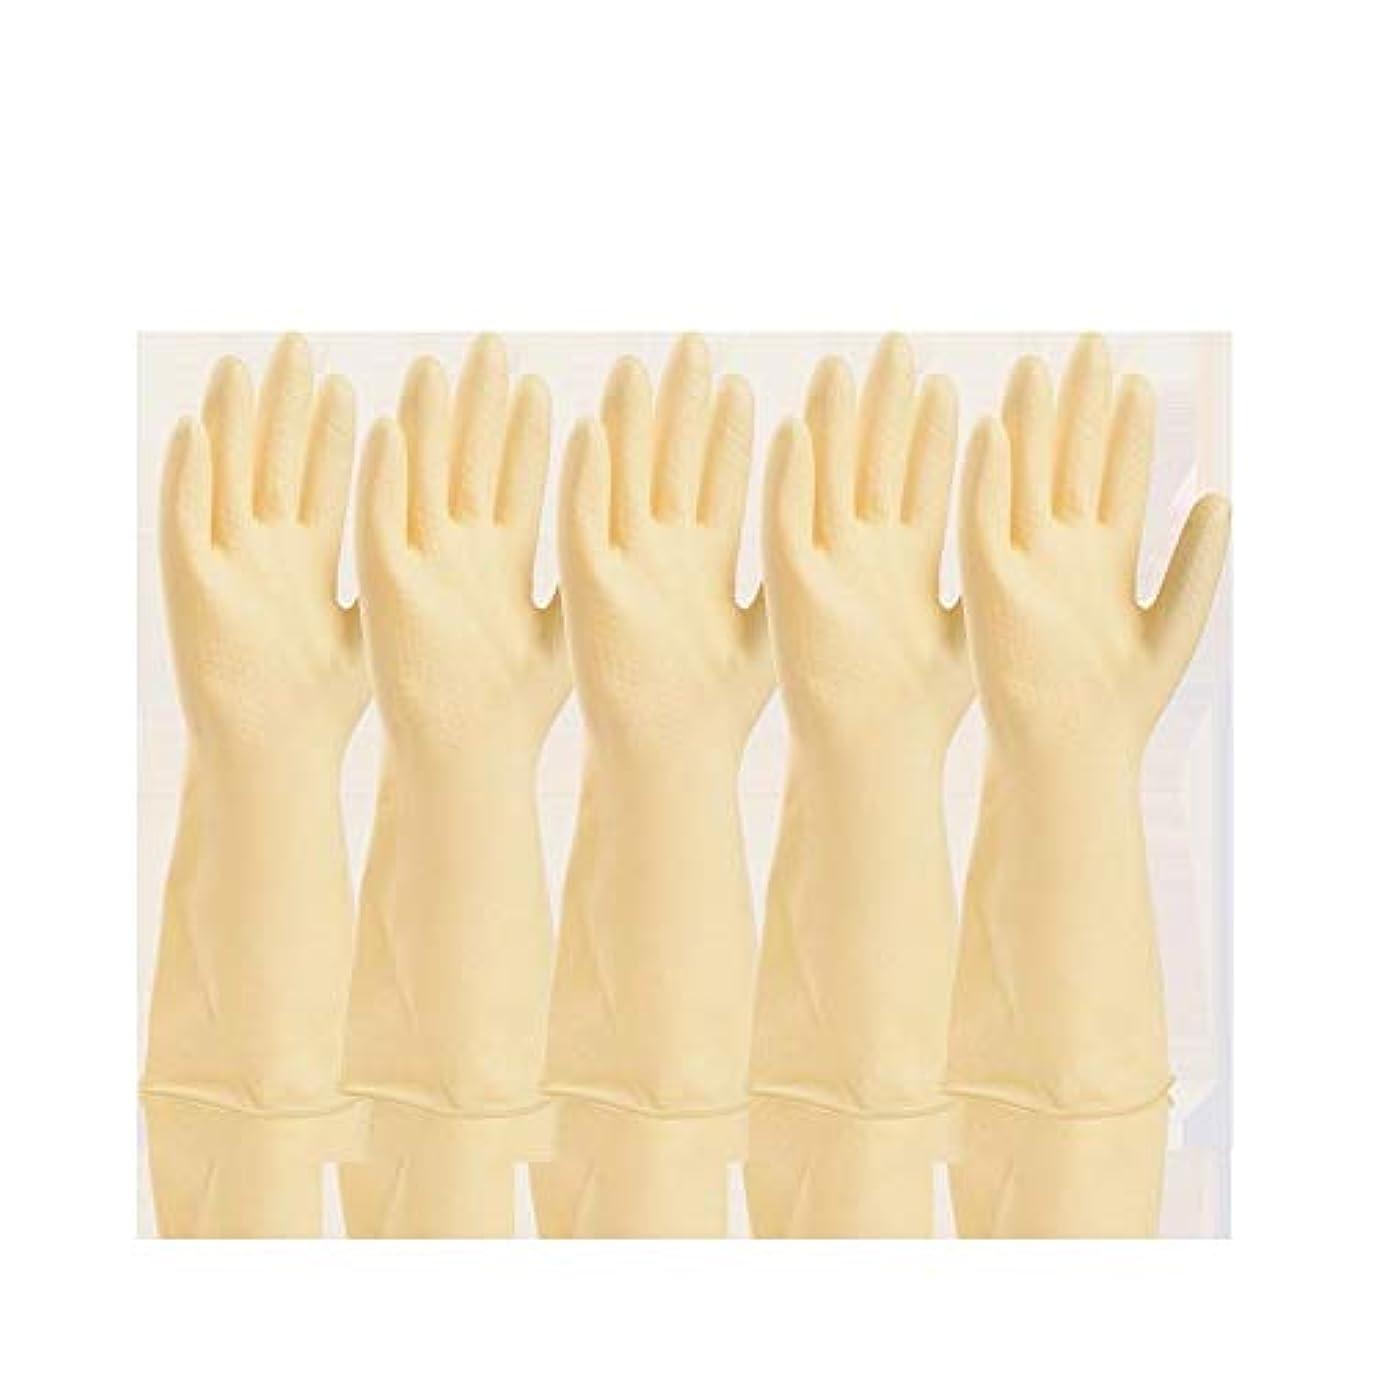 路地ドラフト閉塞使い捨て手袋 工業用手袋厚手のプラスチック製保護用耐水性防水ラテックス手袋、5ペア ニトリルゴム手袋 (Color : White, Size : S)